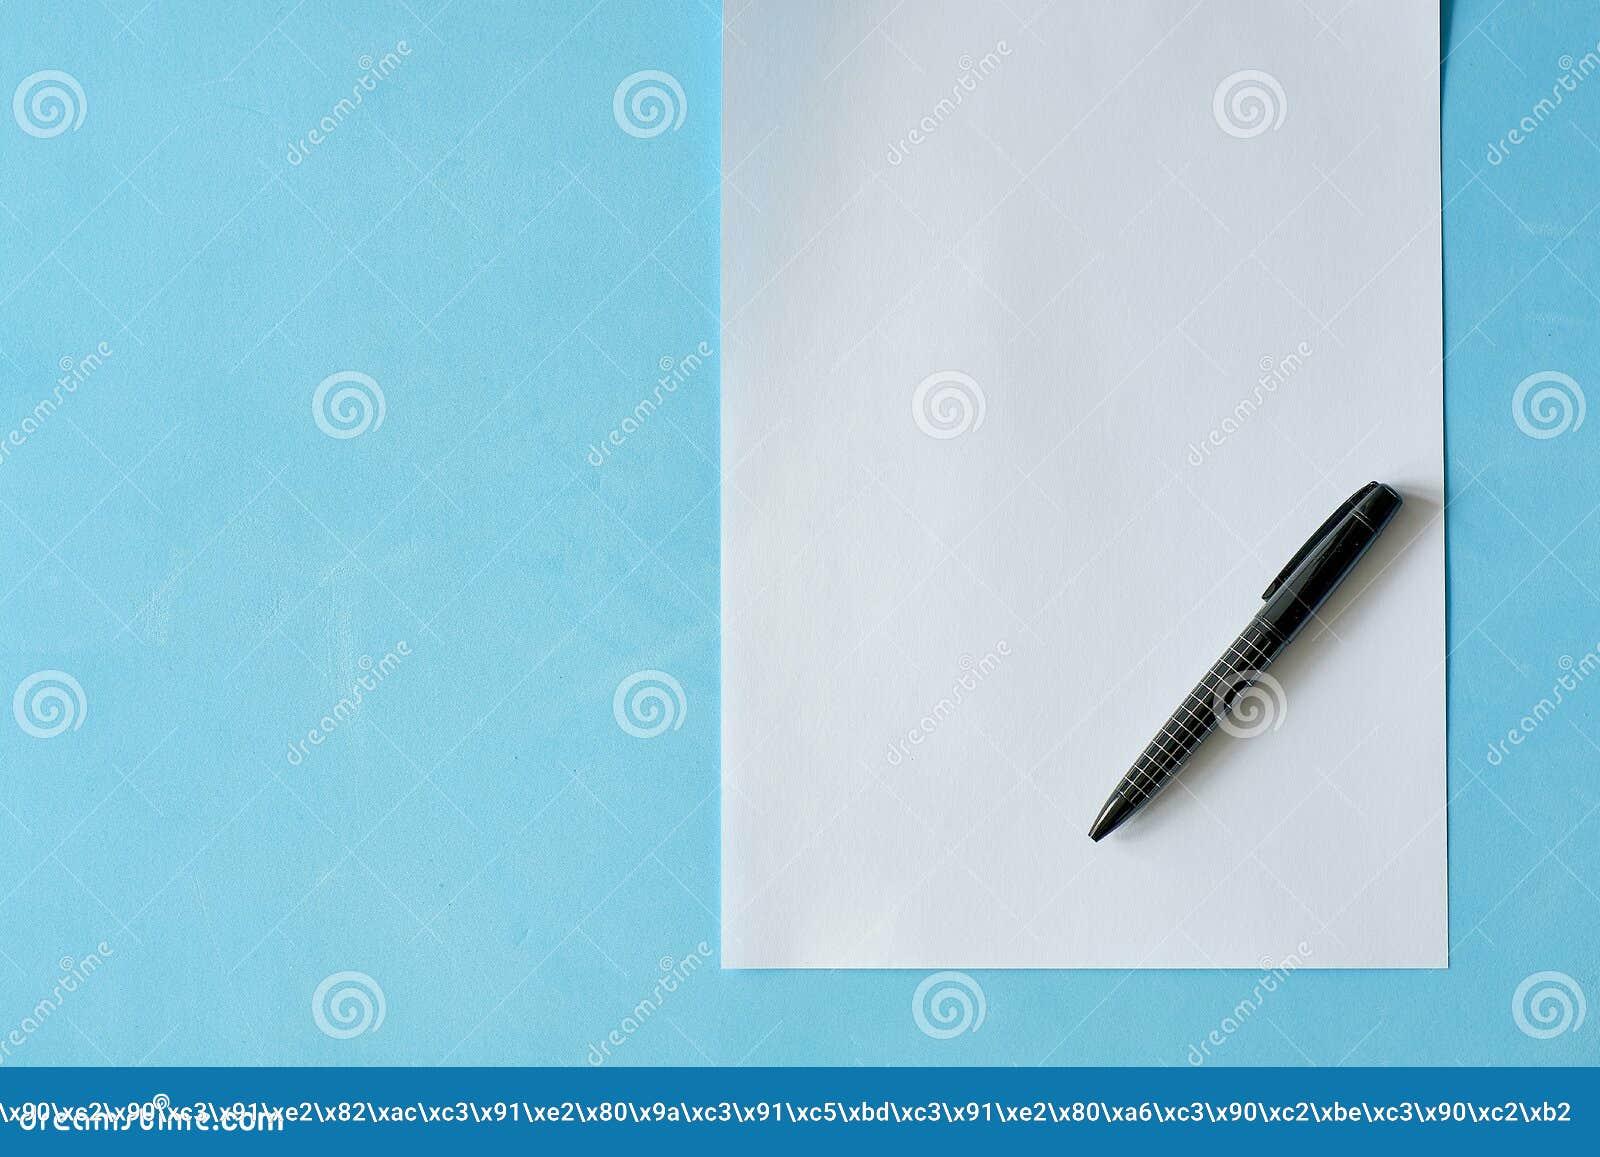 Vitt arkpapper med den svarta pennan isoleted på det ljust - blå bakgrund